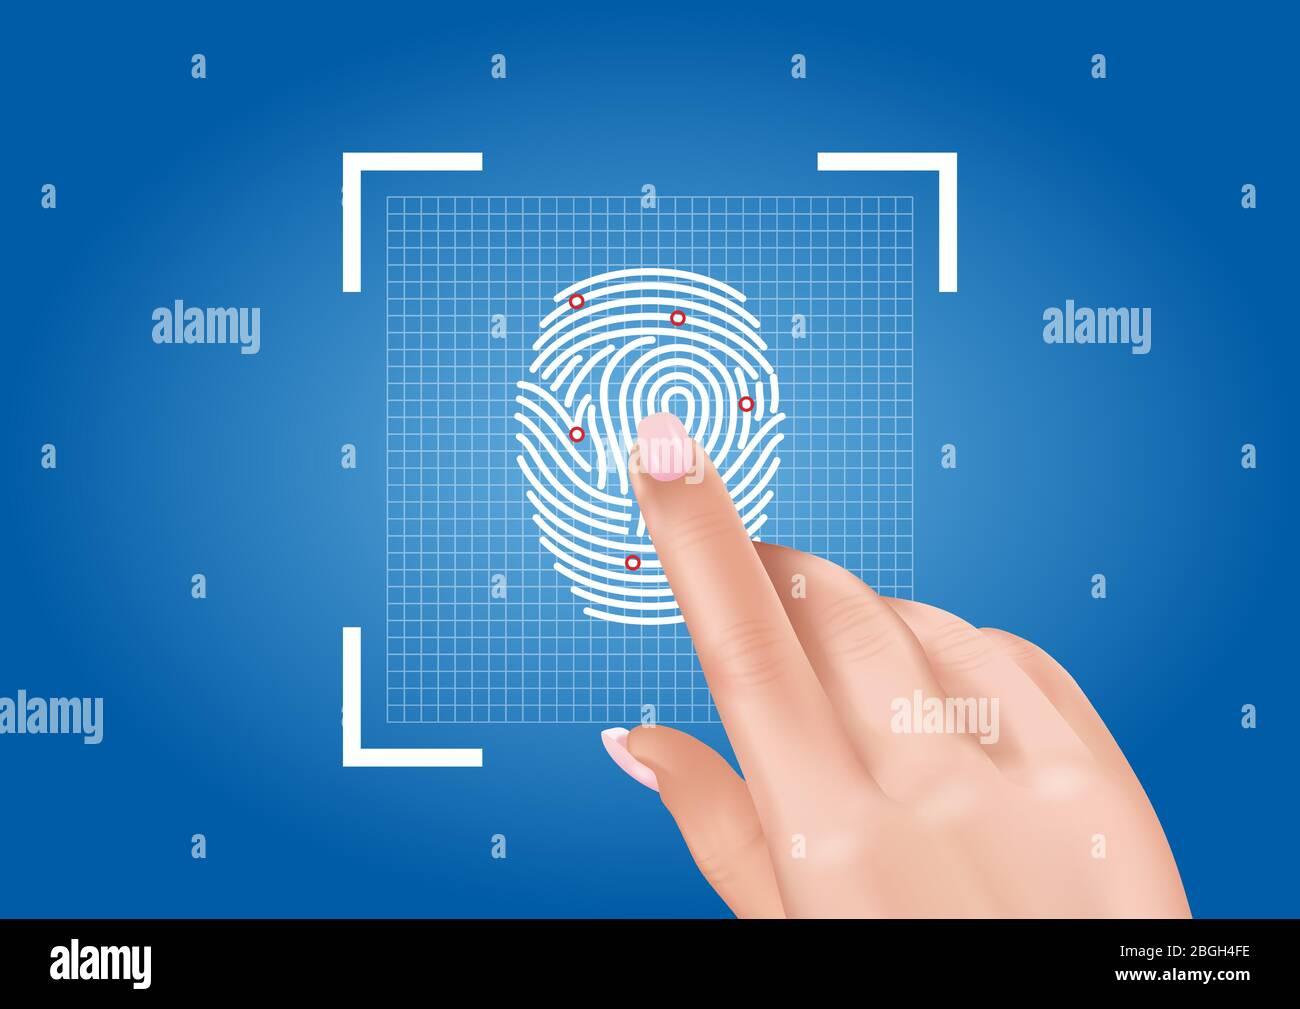 Vektorgrafiken, die das Scannen von Fingerabdrücken darstellen, um den Zugang zur Sicherheit durch biometrische Identifikation zu gewährleisten. Stock Vektor